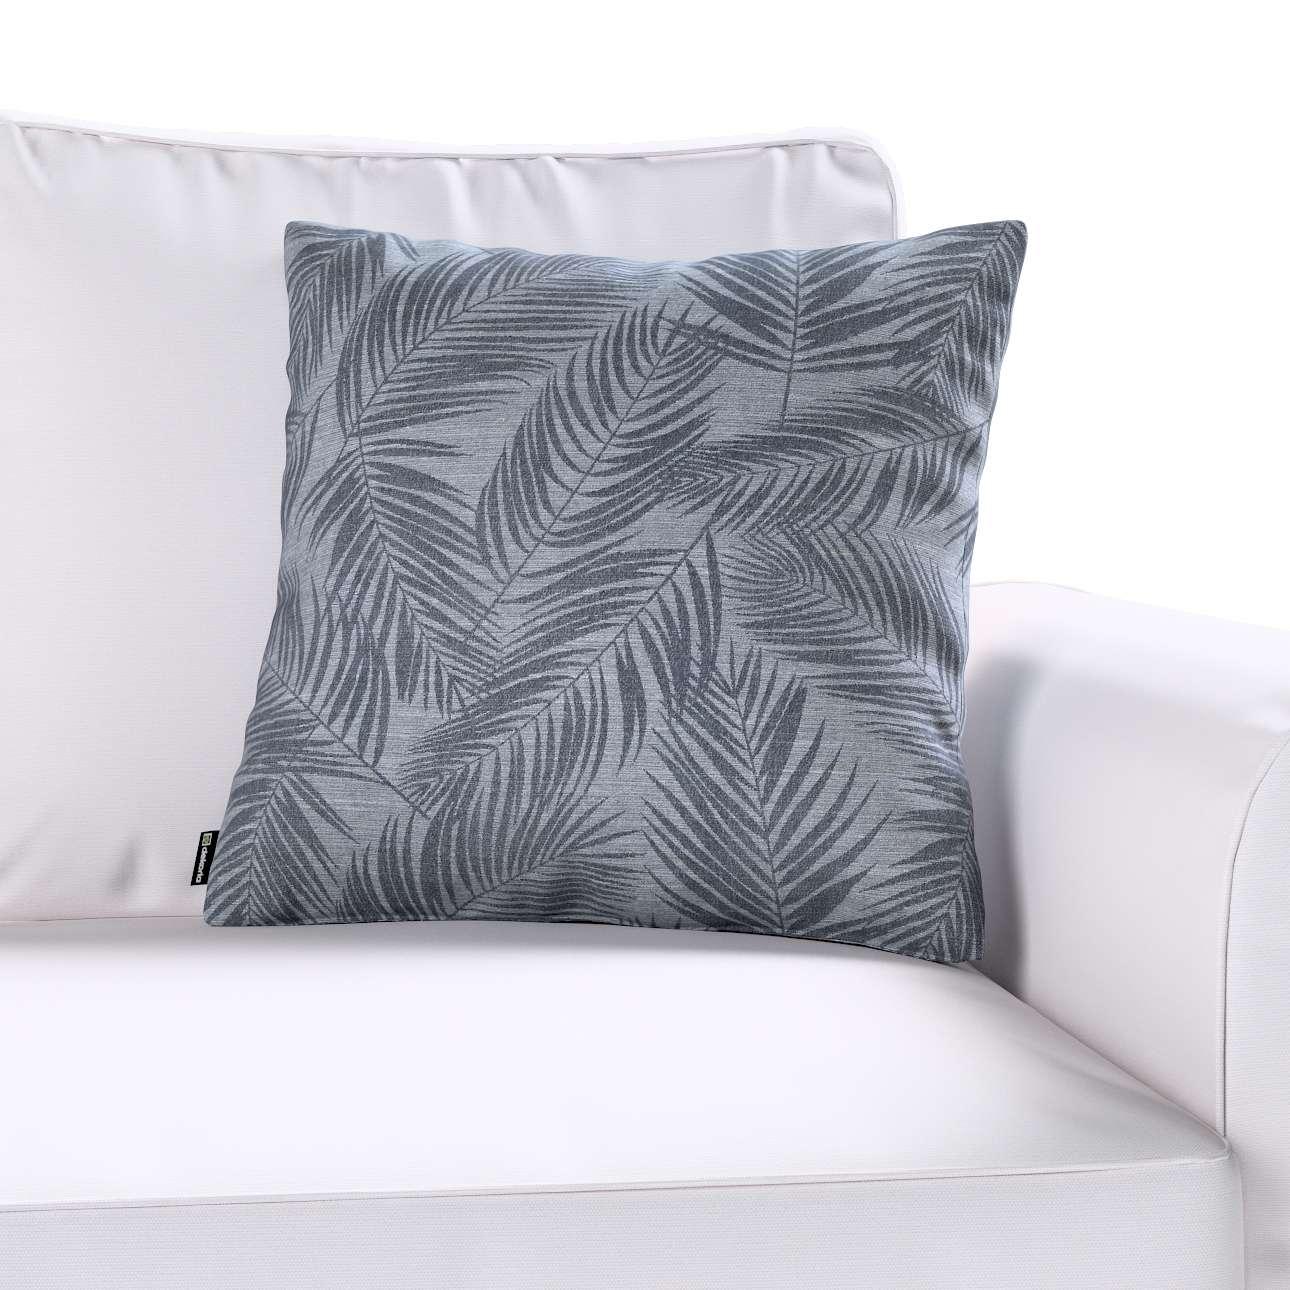 Poszewka Kinga na poduszkę w kolekcji Venice, tkanina: 143-53